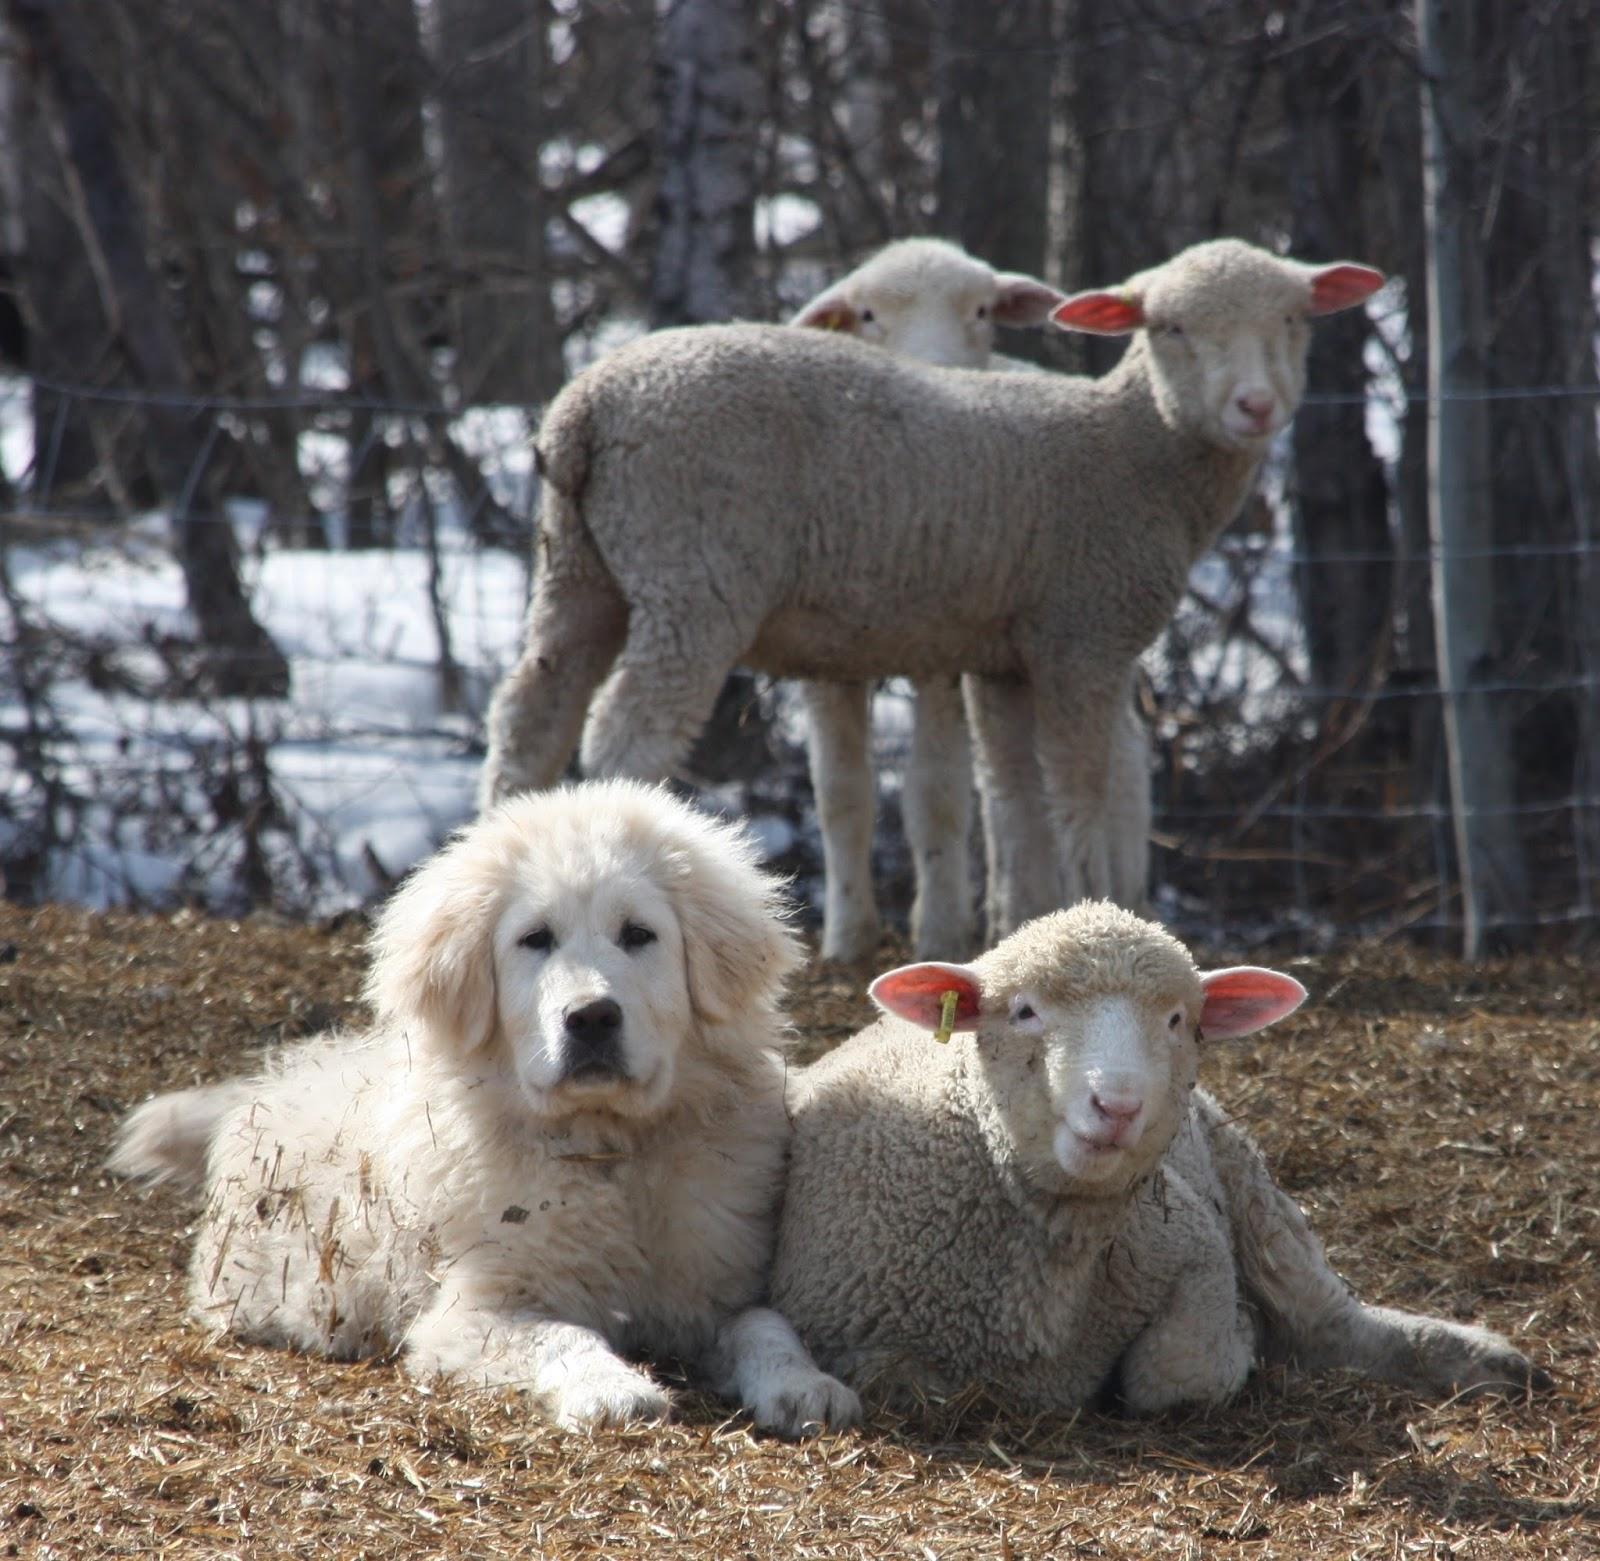 Gueard dog with sheep